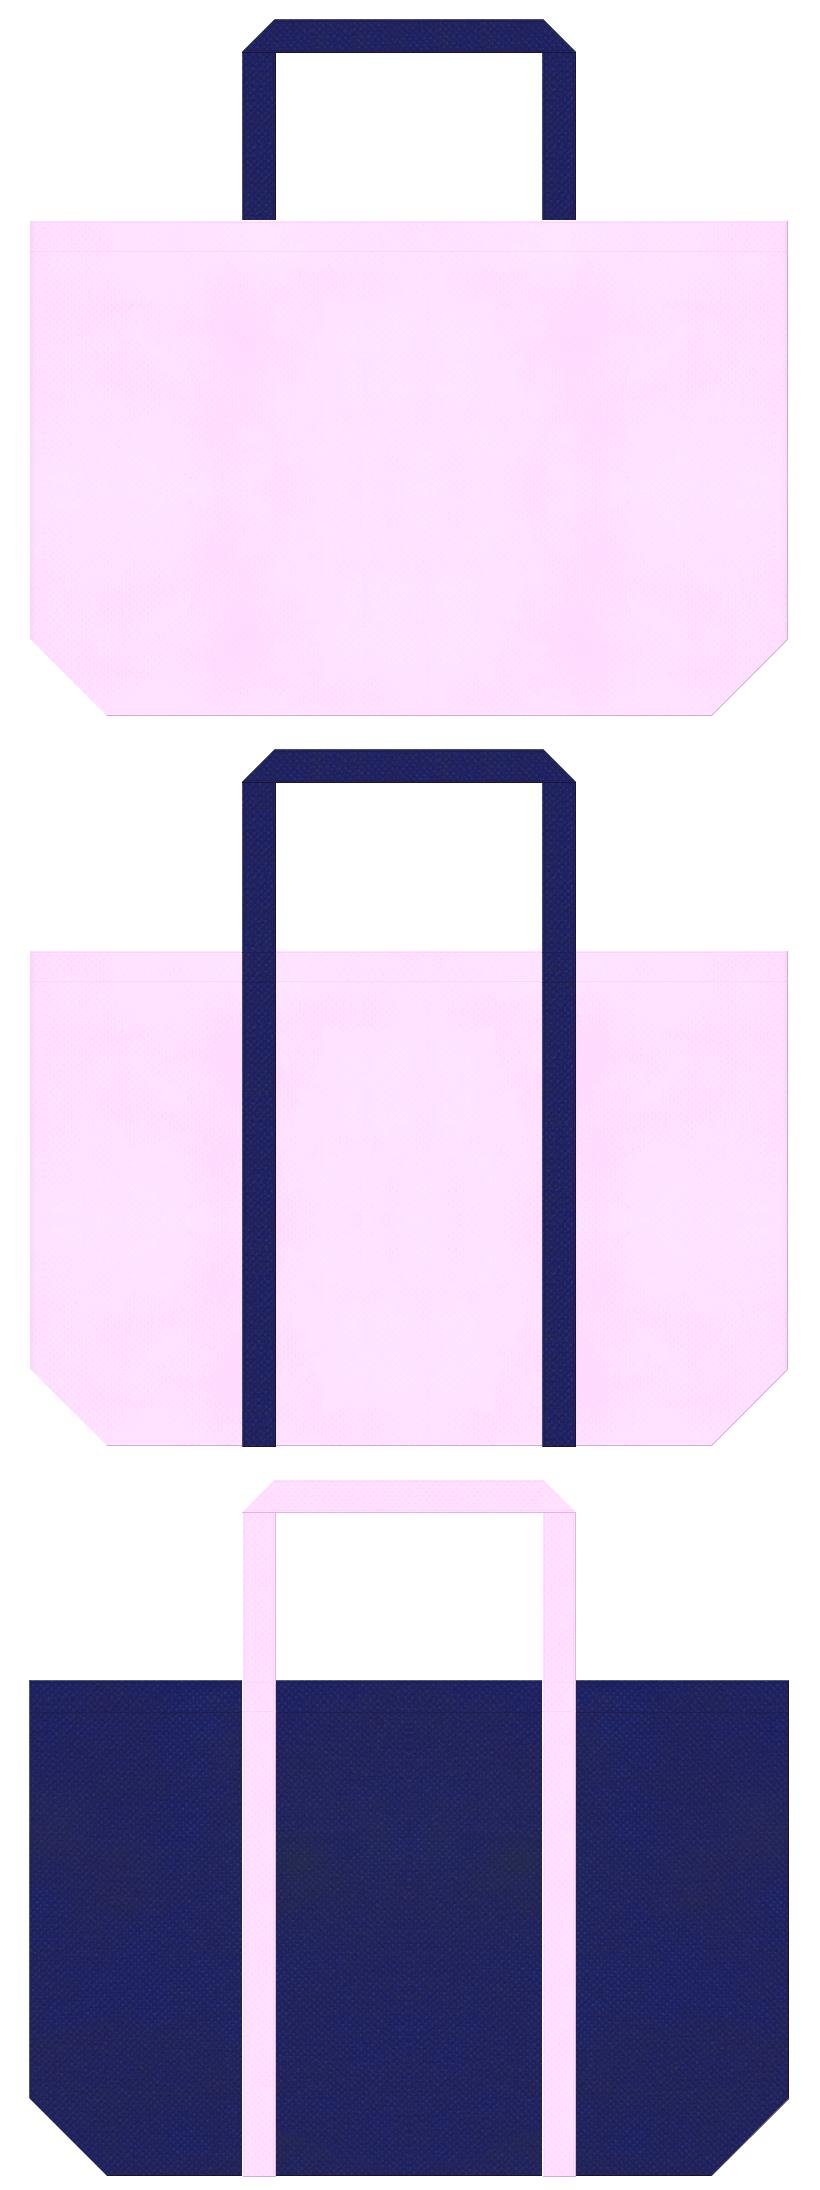 夏浴衣・学校・学園・オープンキャンパス・学習塾・レッスンバッグ・スポーツバッグにお奨めの不織布バッグのデザイン:パステルピンク色と明るい紺色のコーデ